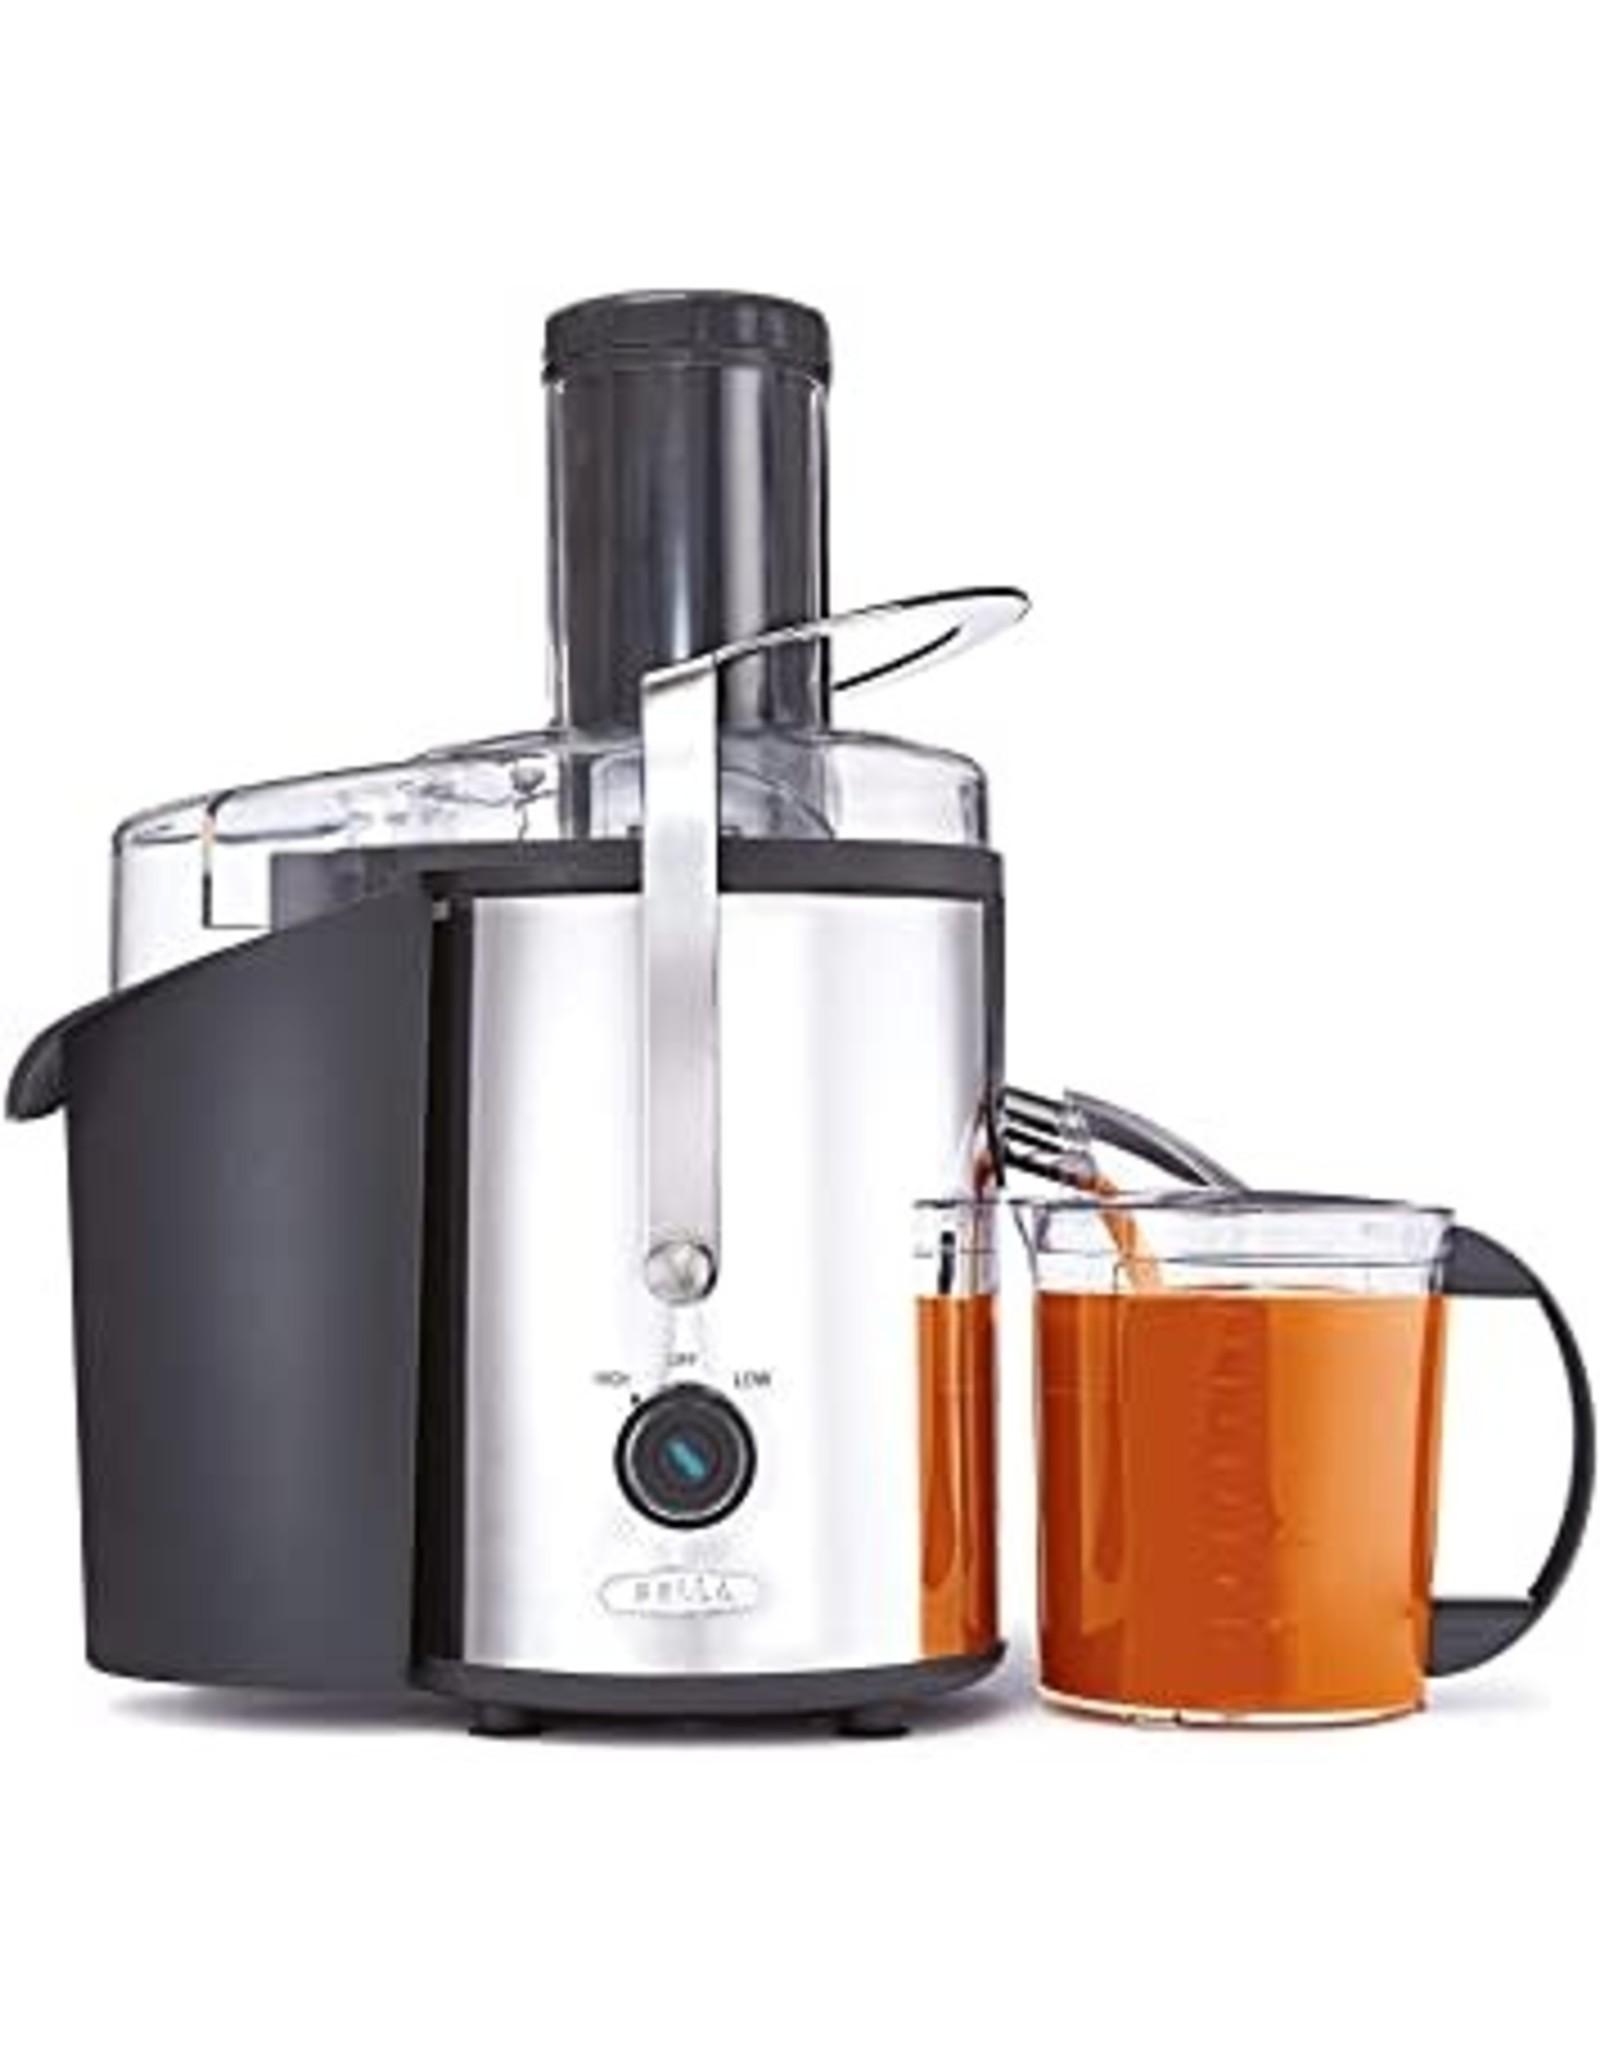 Bella pro BLA13694A Bella - High Power Juice Extractor - Black